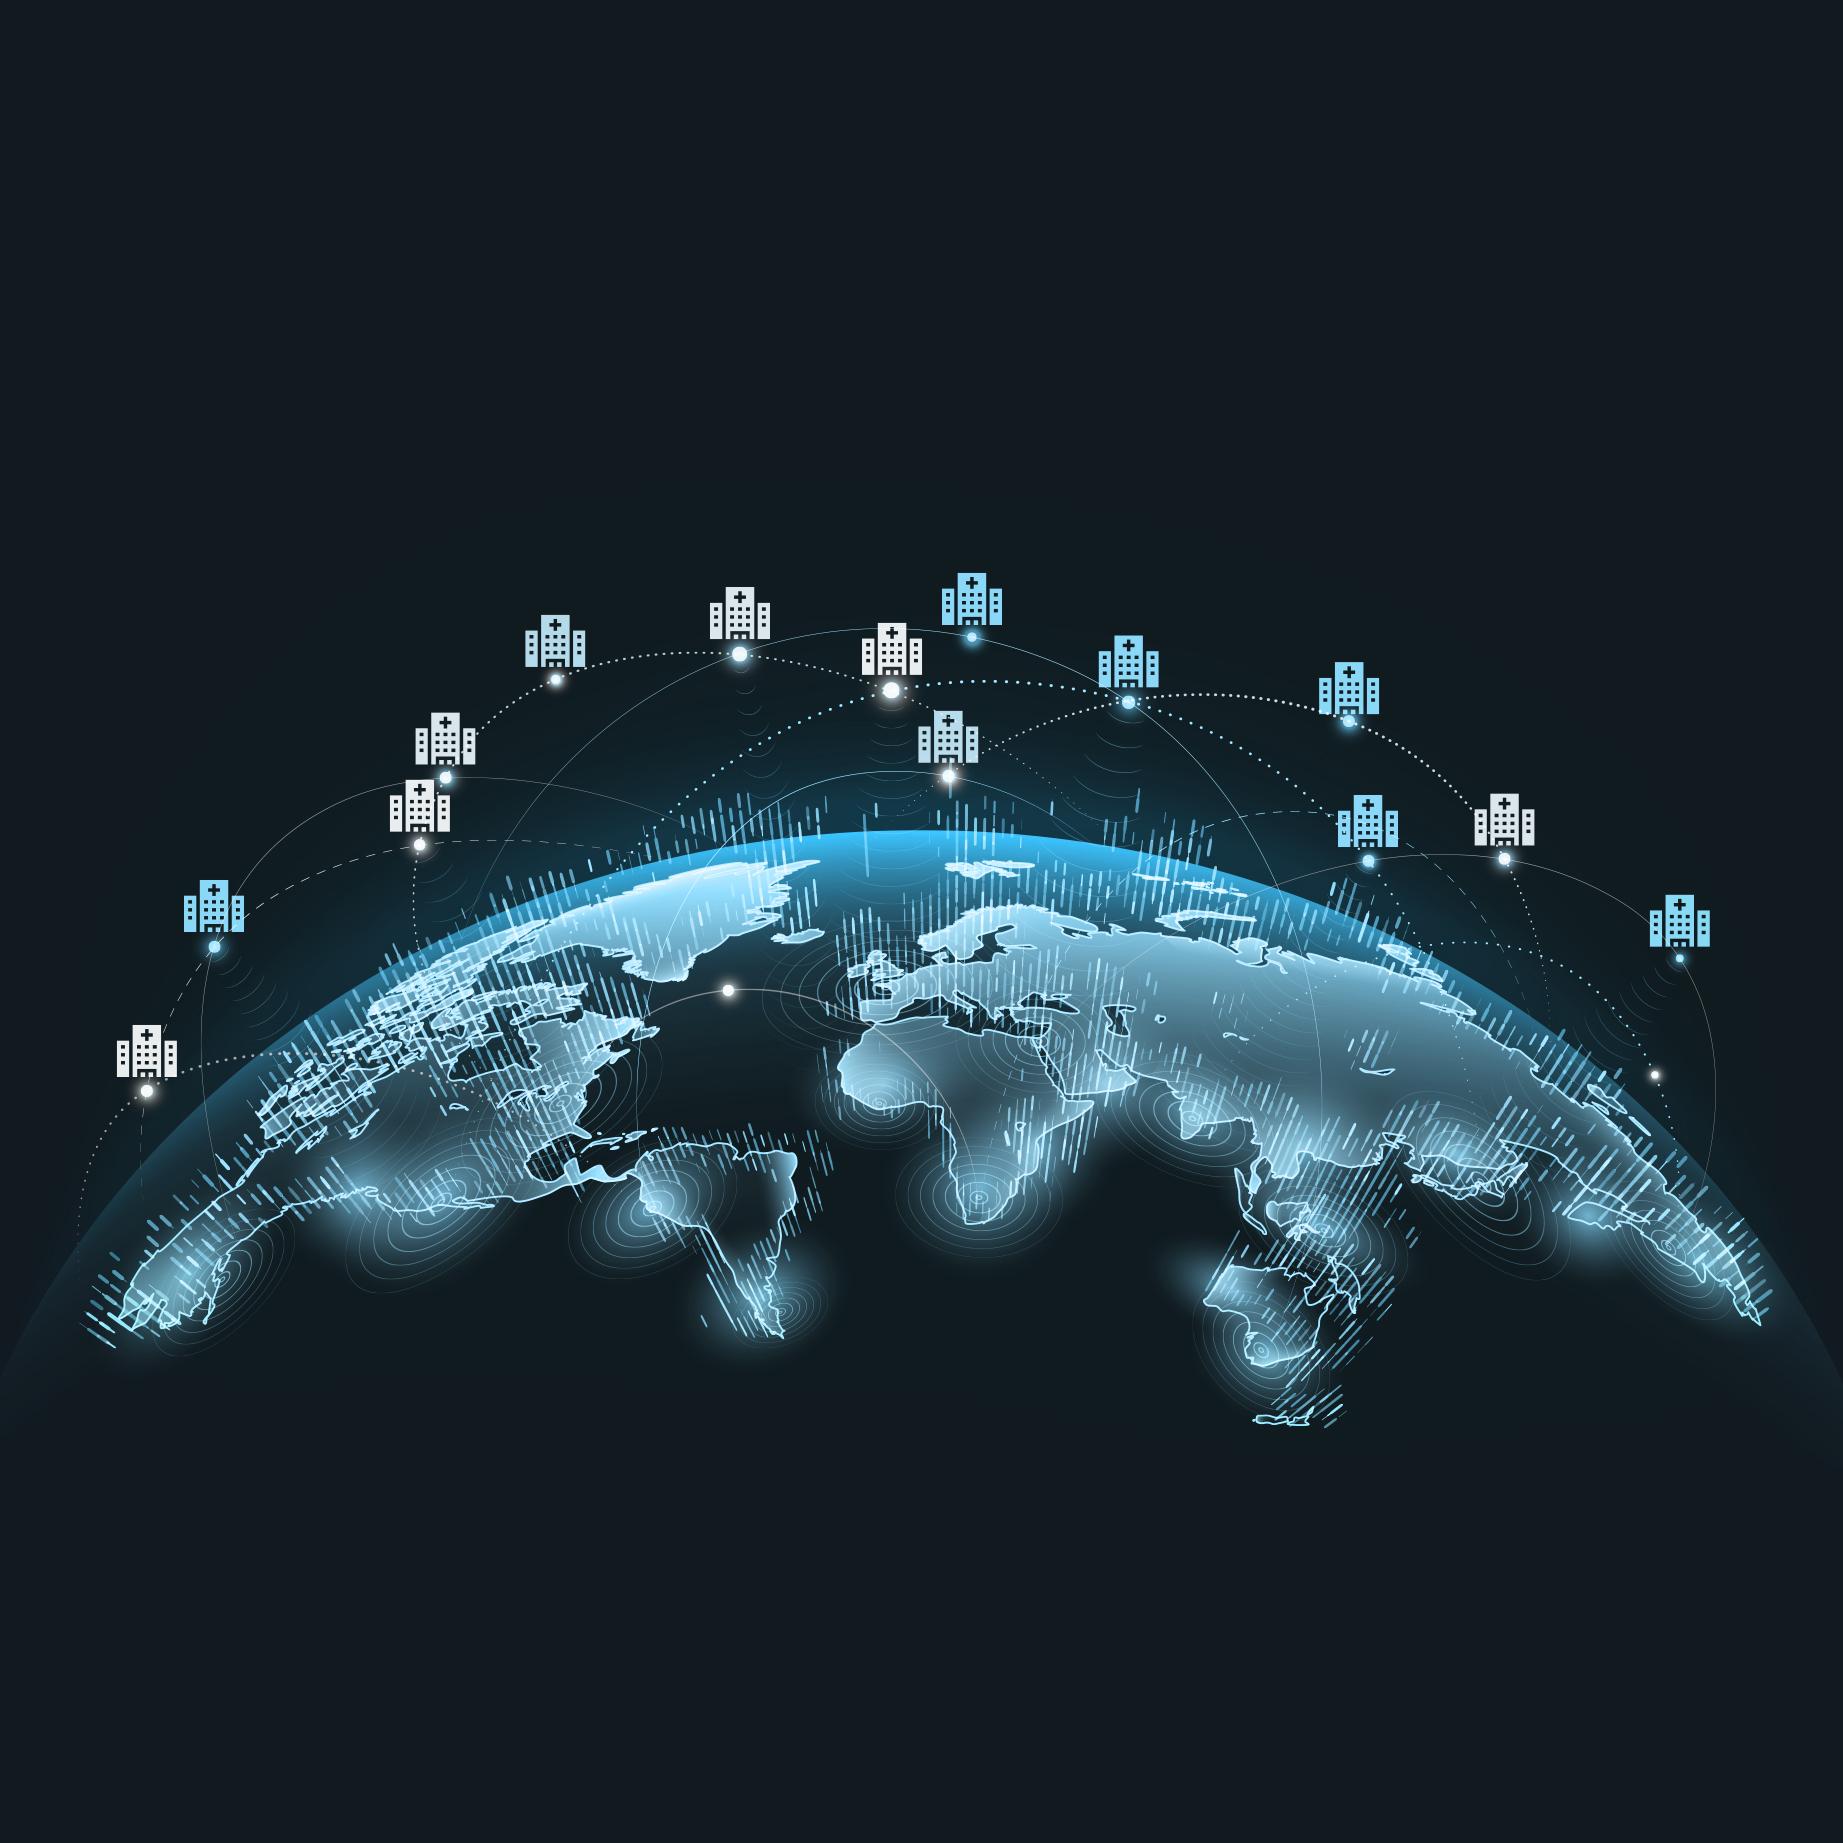 halbe Weltkugel mit kleinen Haus-Symbolen darüber schwebend die Standorte symbolisieren sollen